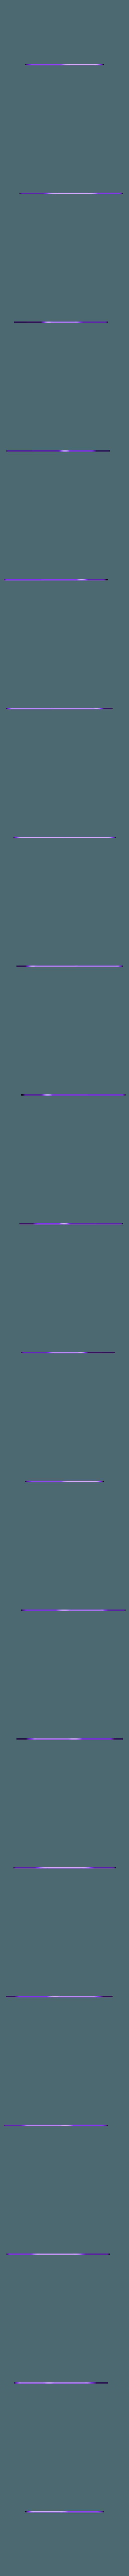 Taranis_tray_base.stl Télécharger fichier STL gratuit Plateau Taranis • Objet imprimable en 3D, touchthebitum